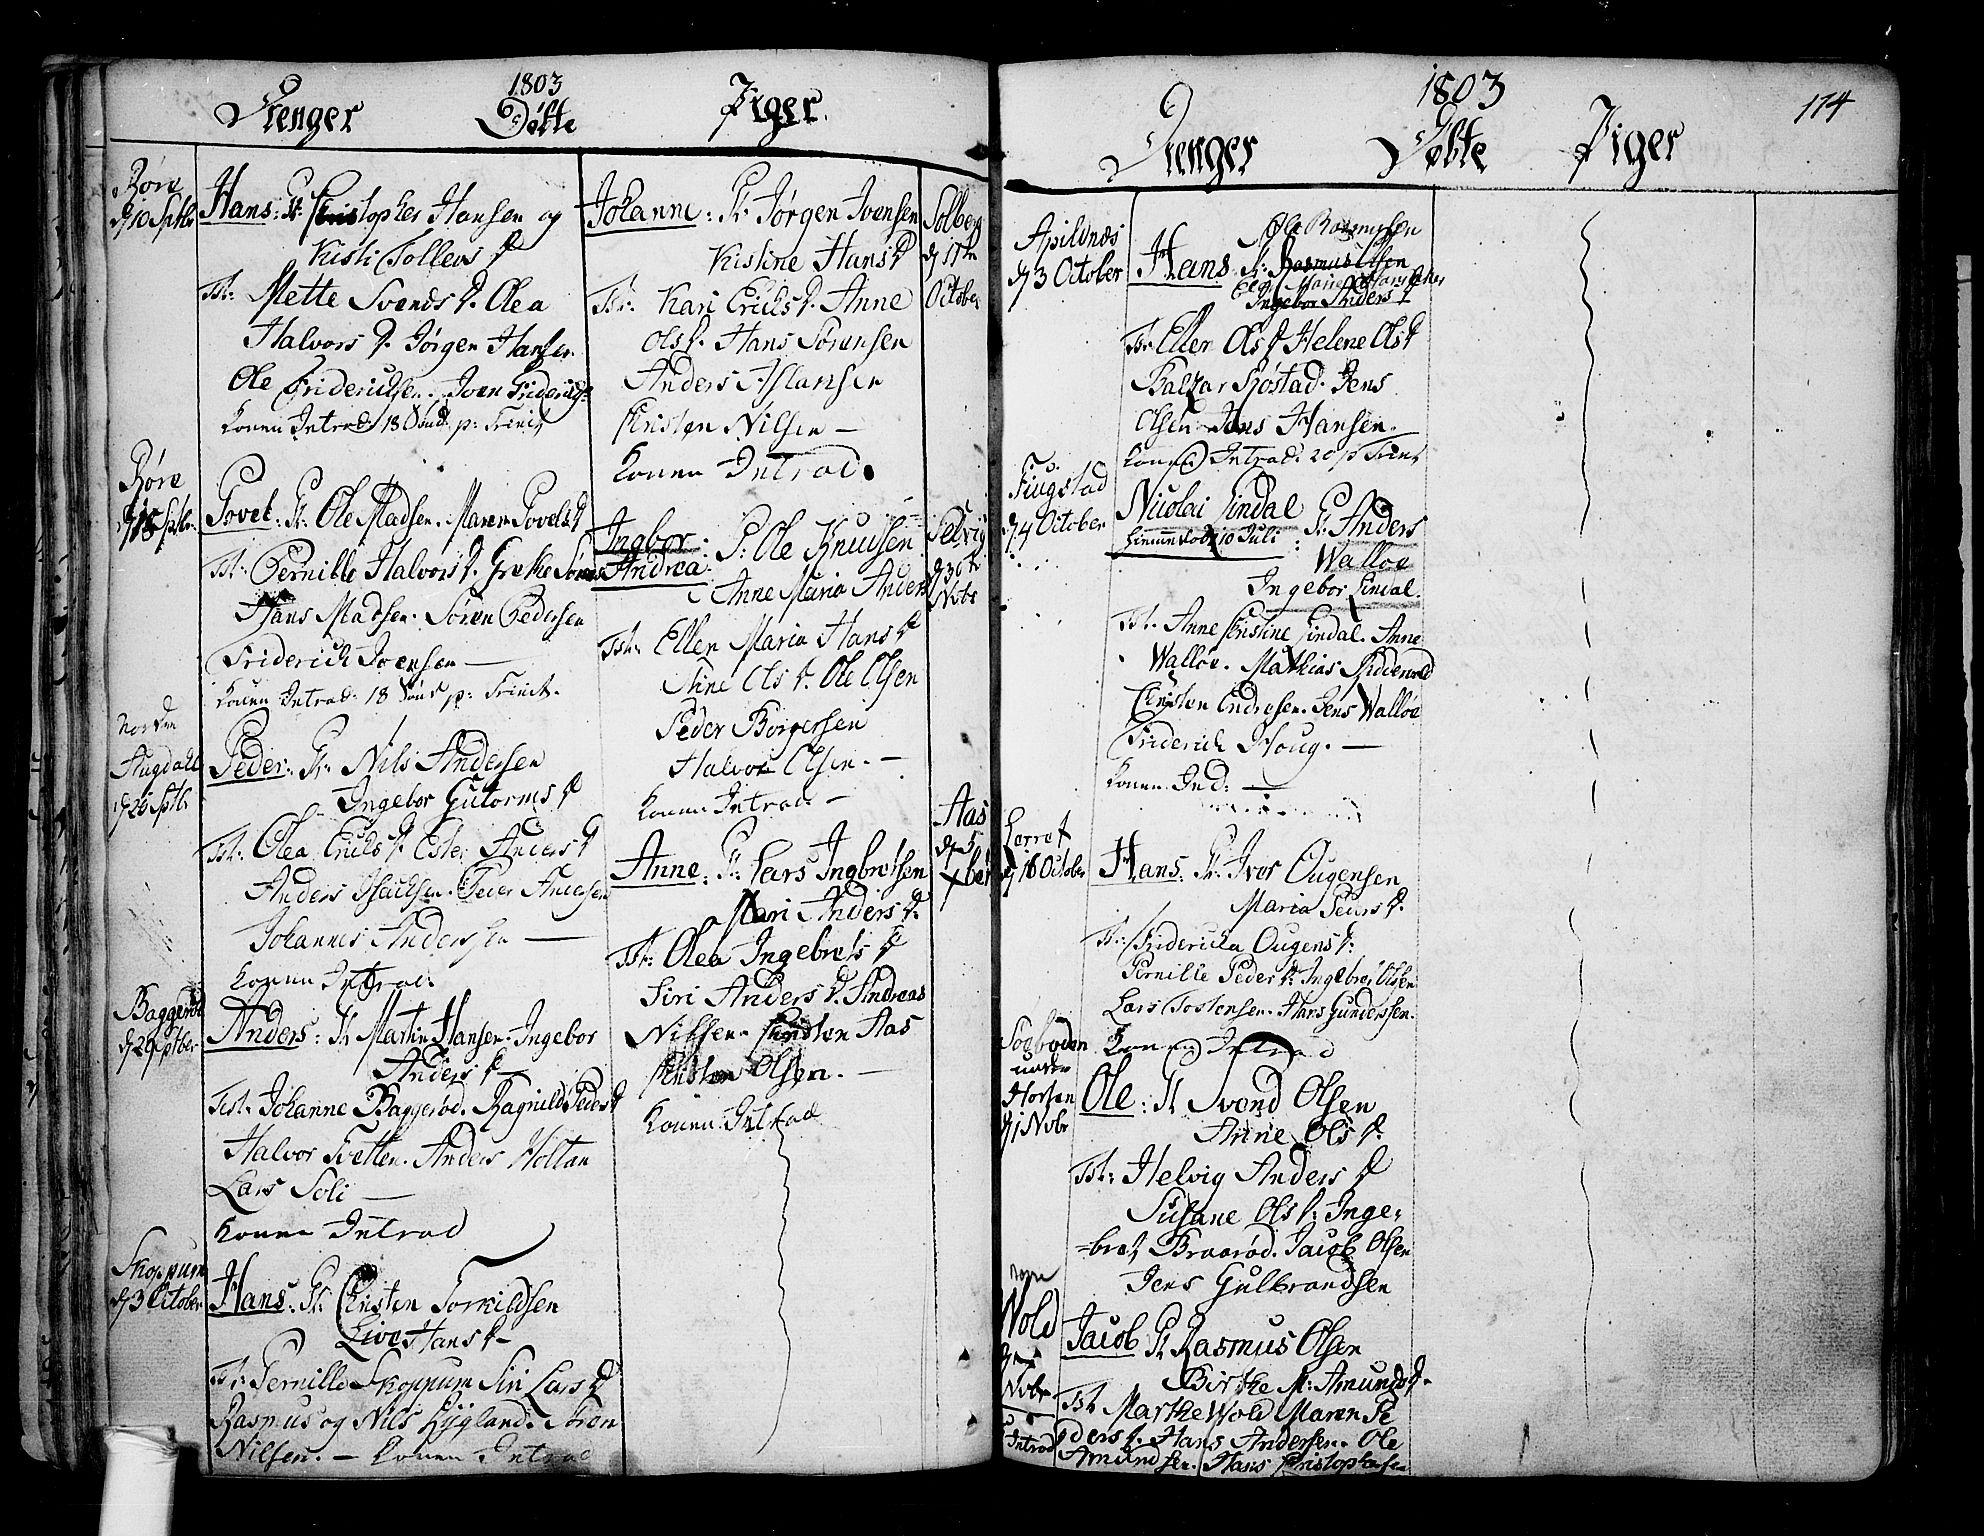 SAKO, Borre kirkebøker, F/Fa/L0002: Ministerialbok nr. I 2, 1752-1806, s. 114